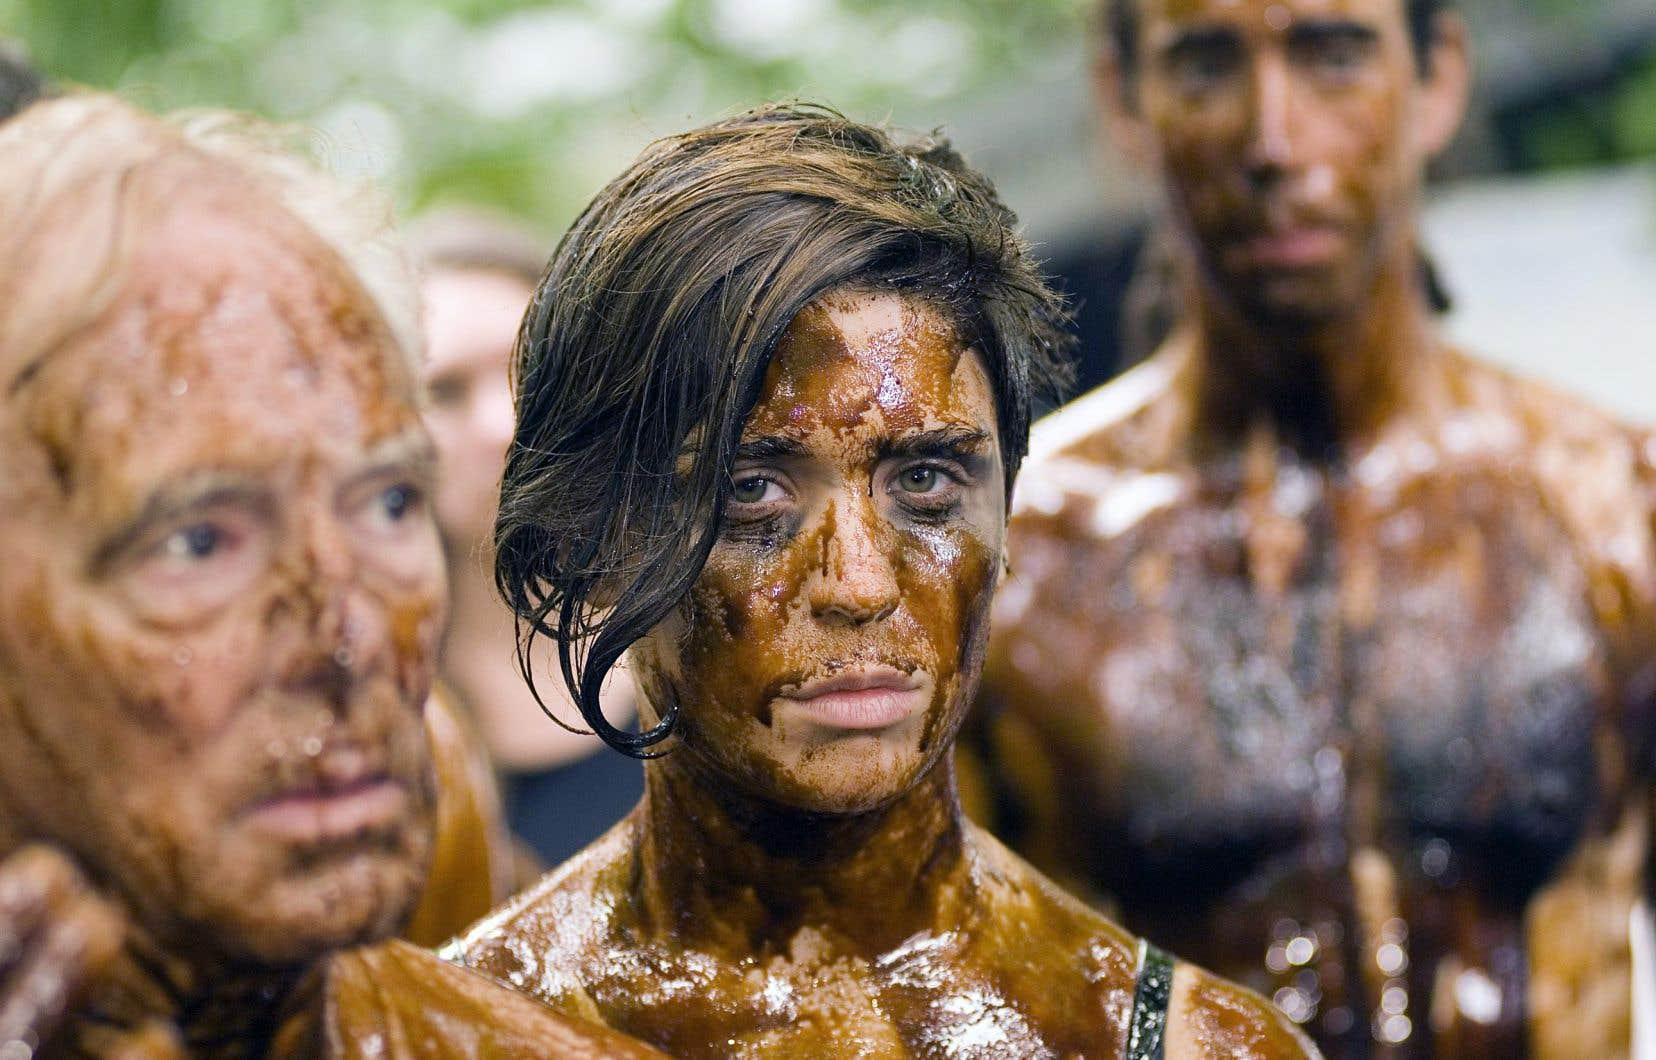 En septembre 2010, quelques mois après l'annonce de MmeNormandeau, la contestation contre les gaz de schiste battait son plein. Sur notre photo, une manifestation organisée par la coalition Vigilance énergie.